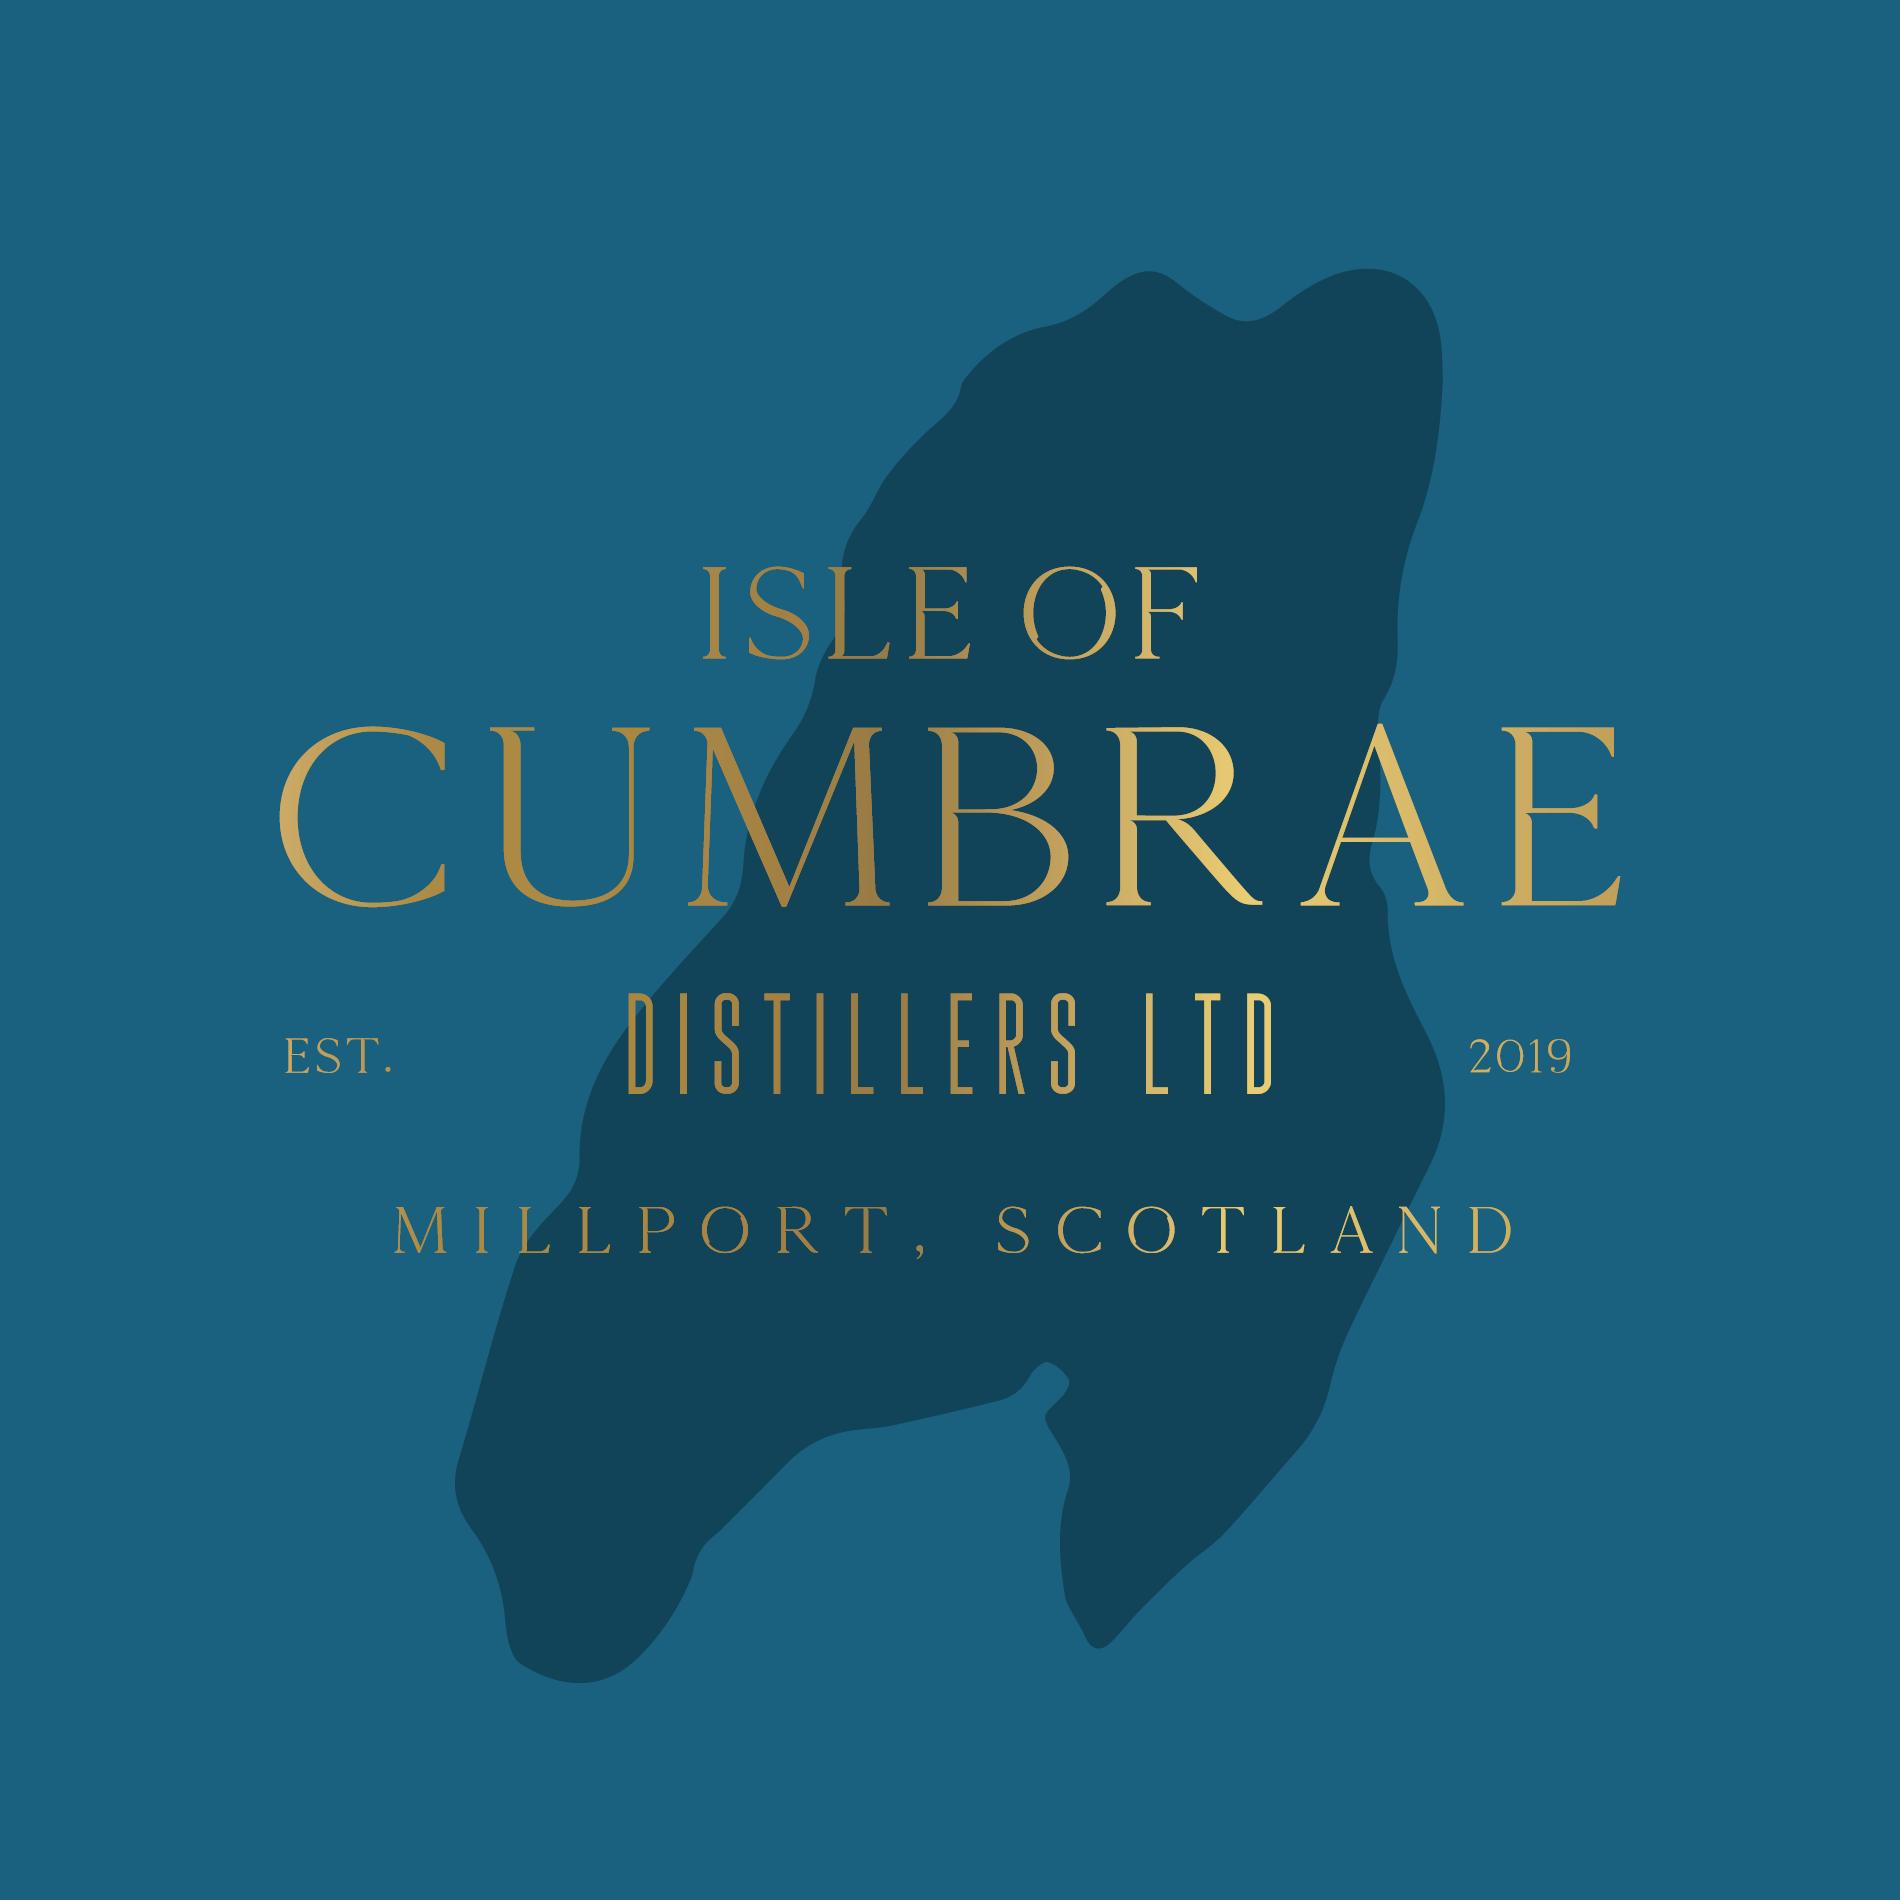 Isle of Cumbrae Distillers